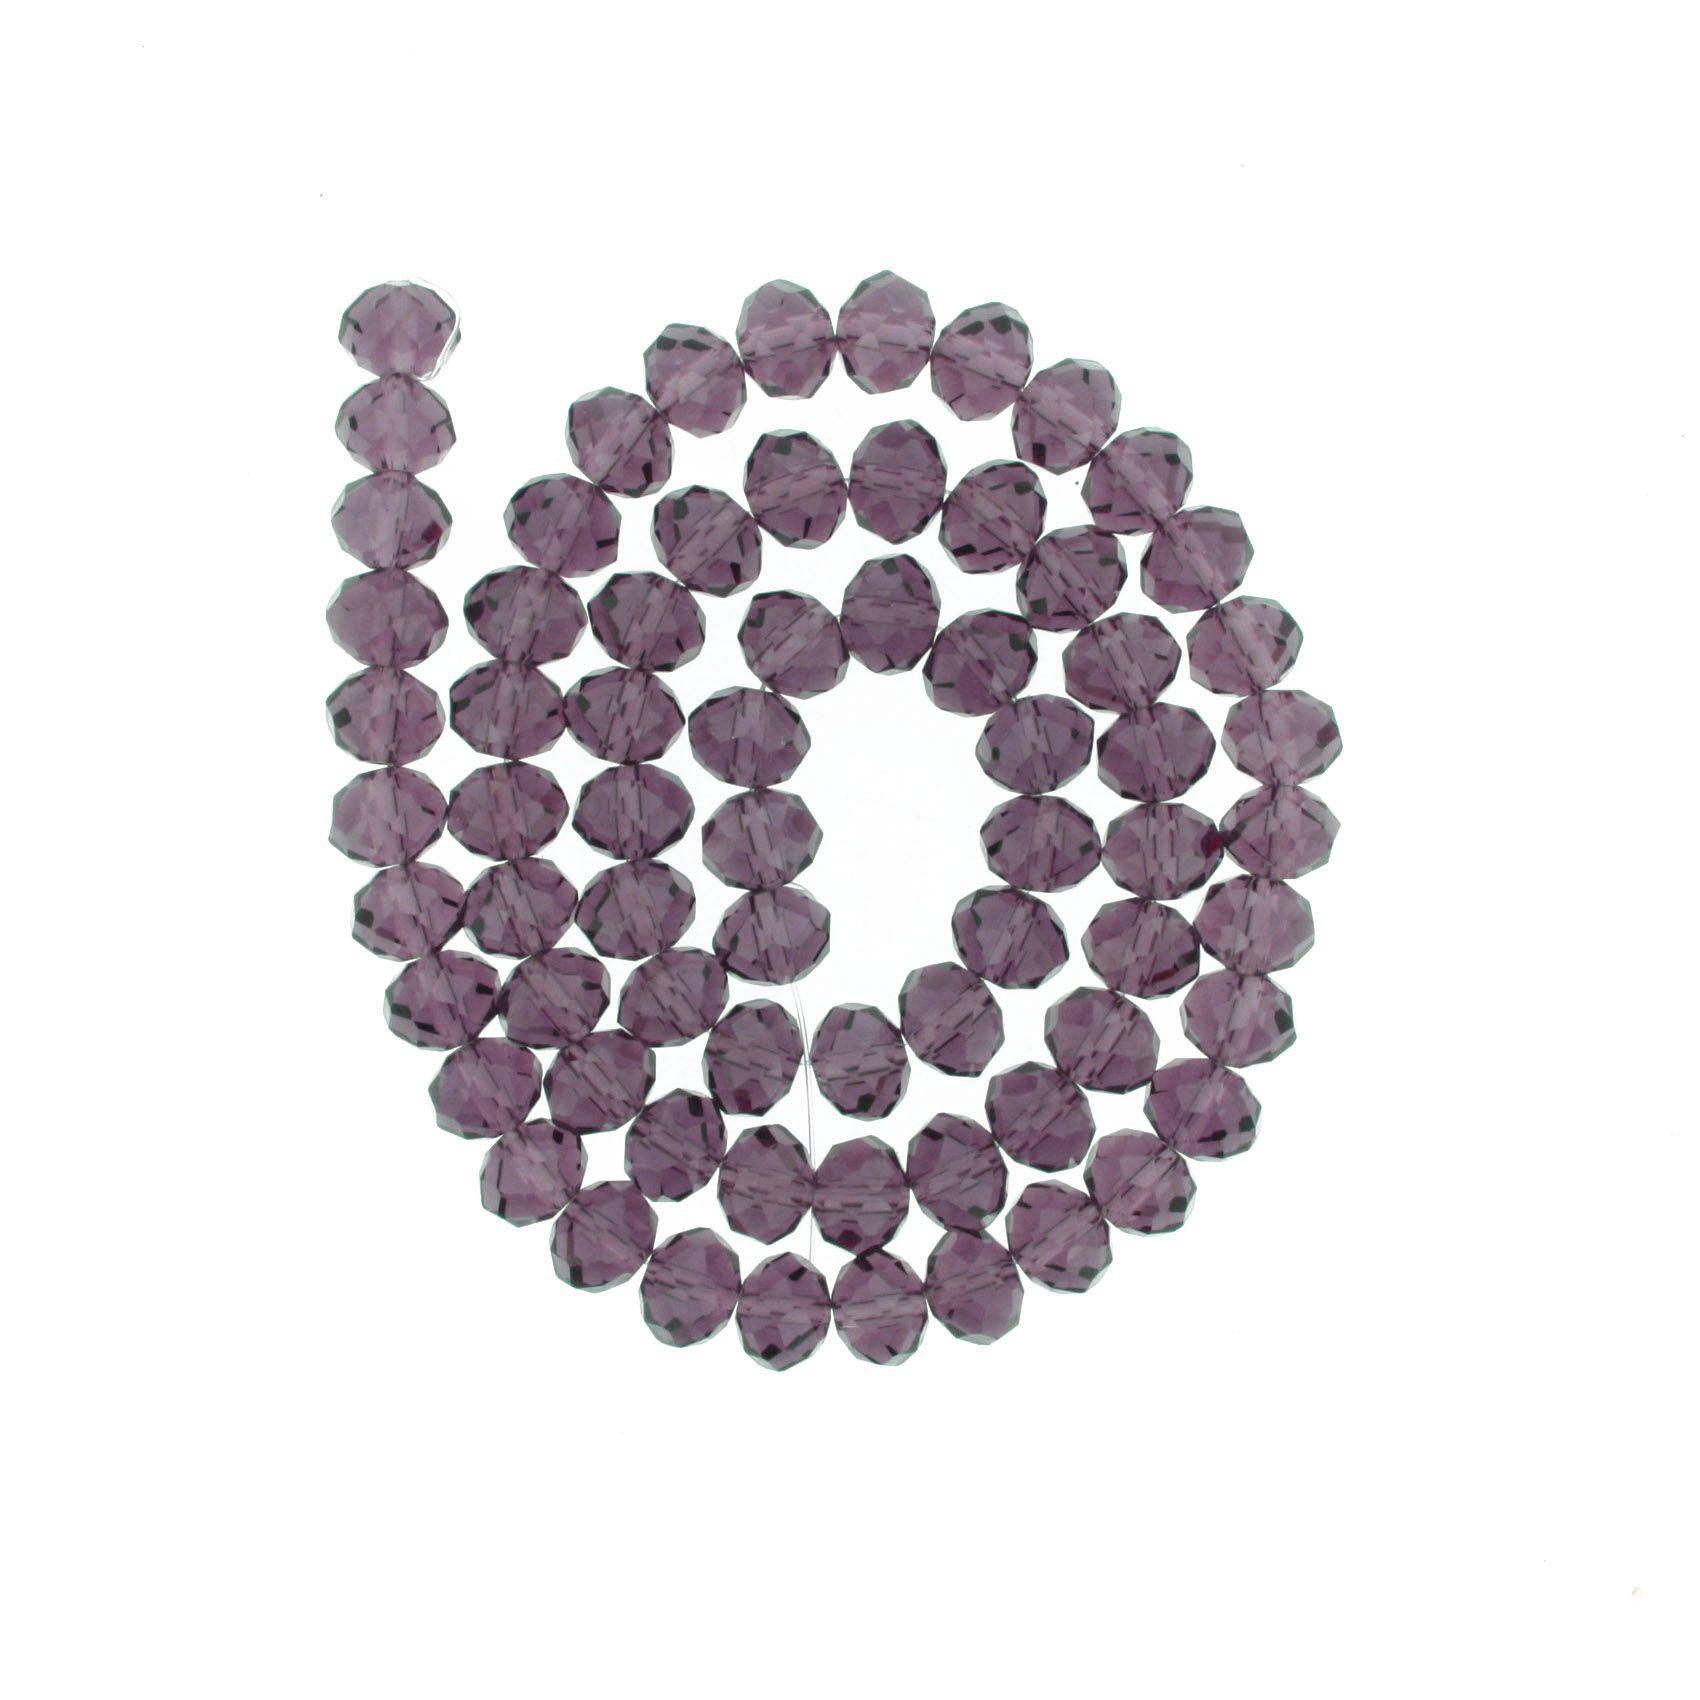 Fio de Cristal - Piatto® - Uva Transparente - 10mm  - Universo Religioso® - Artigos de Umbanda e Candomblé